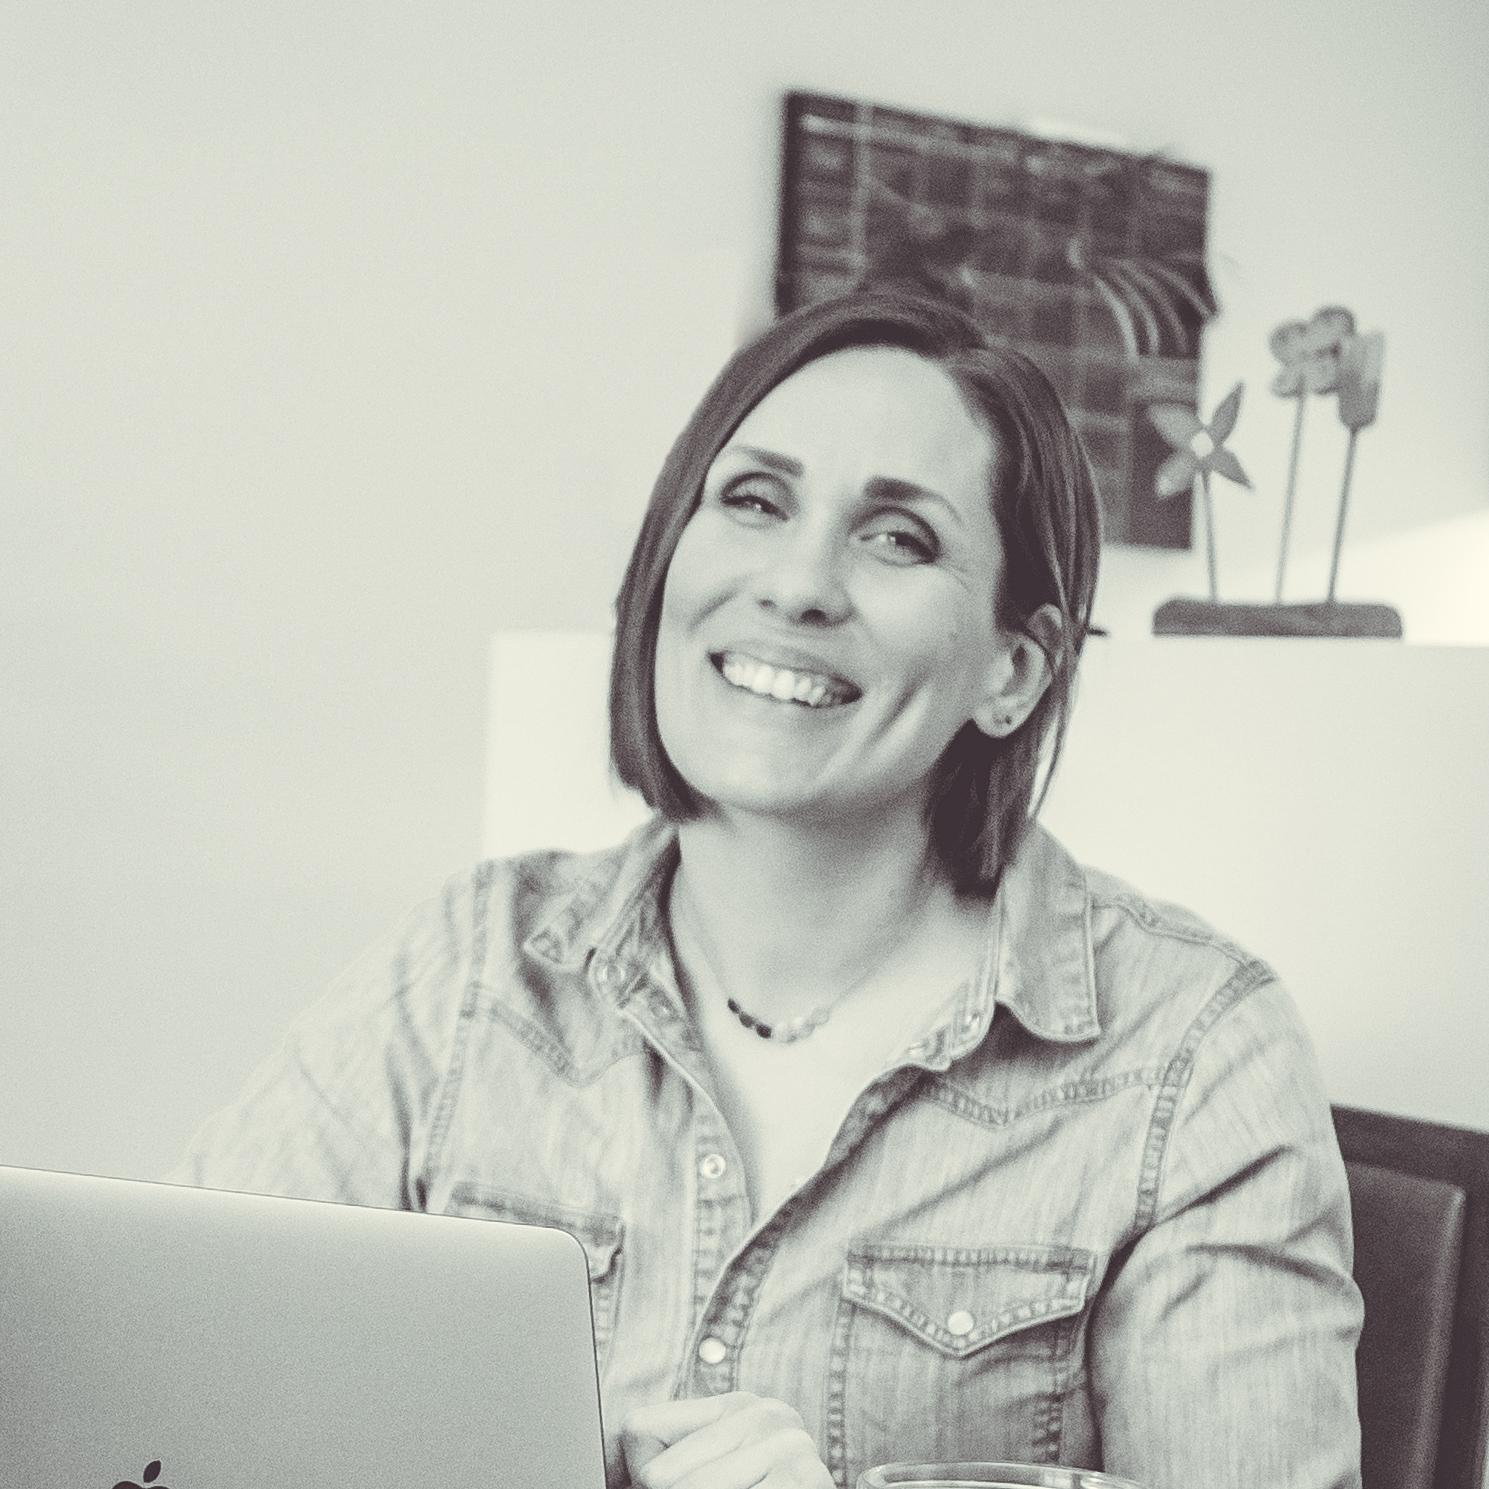 Elín María Halldórsdóttir